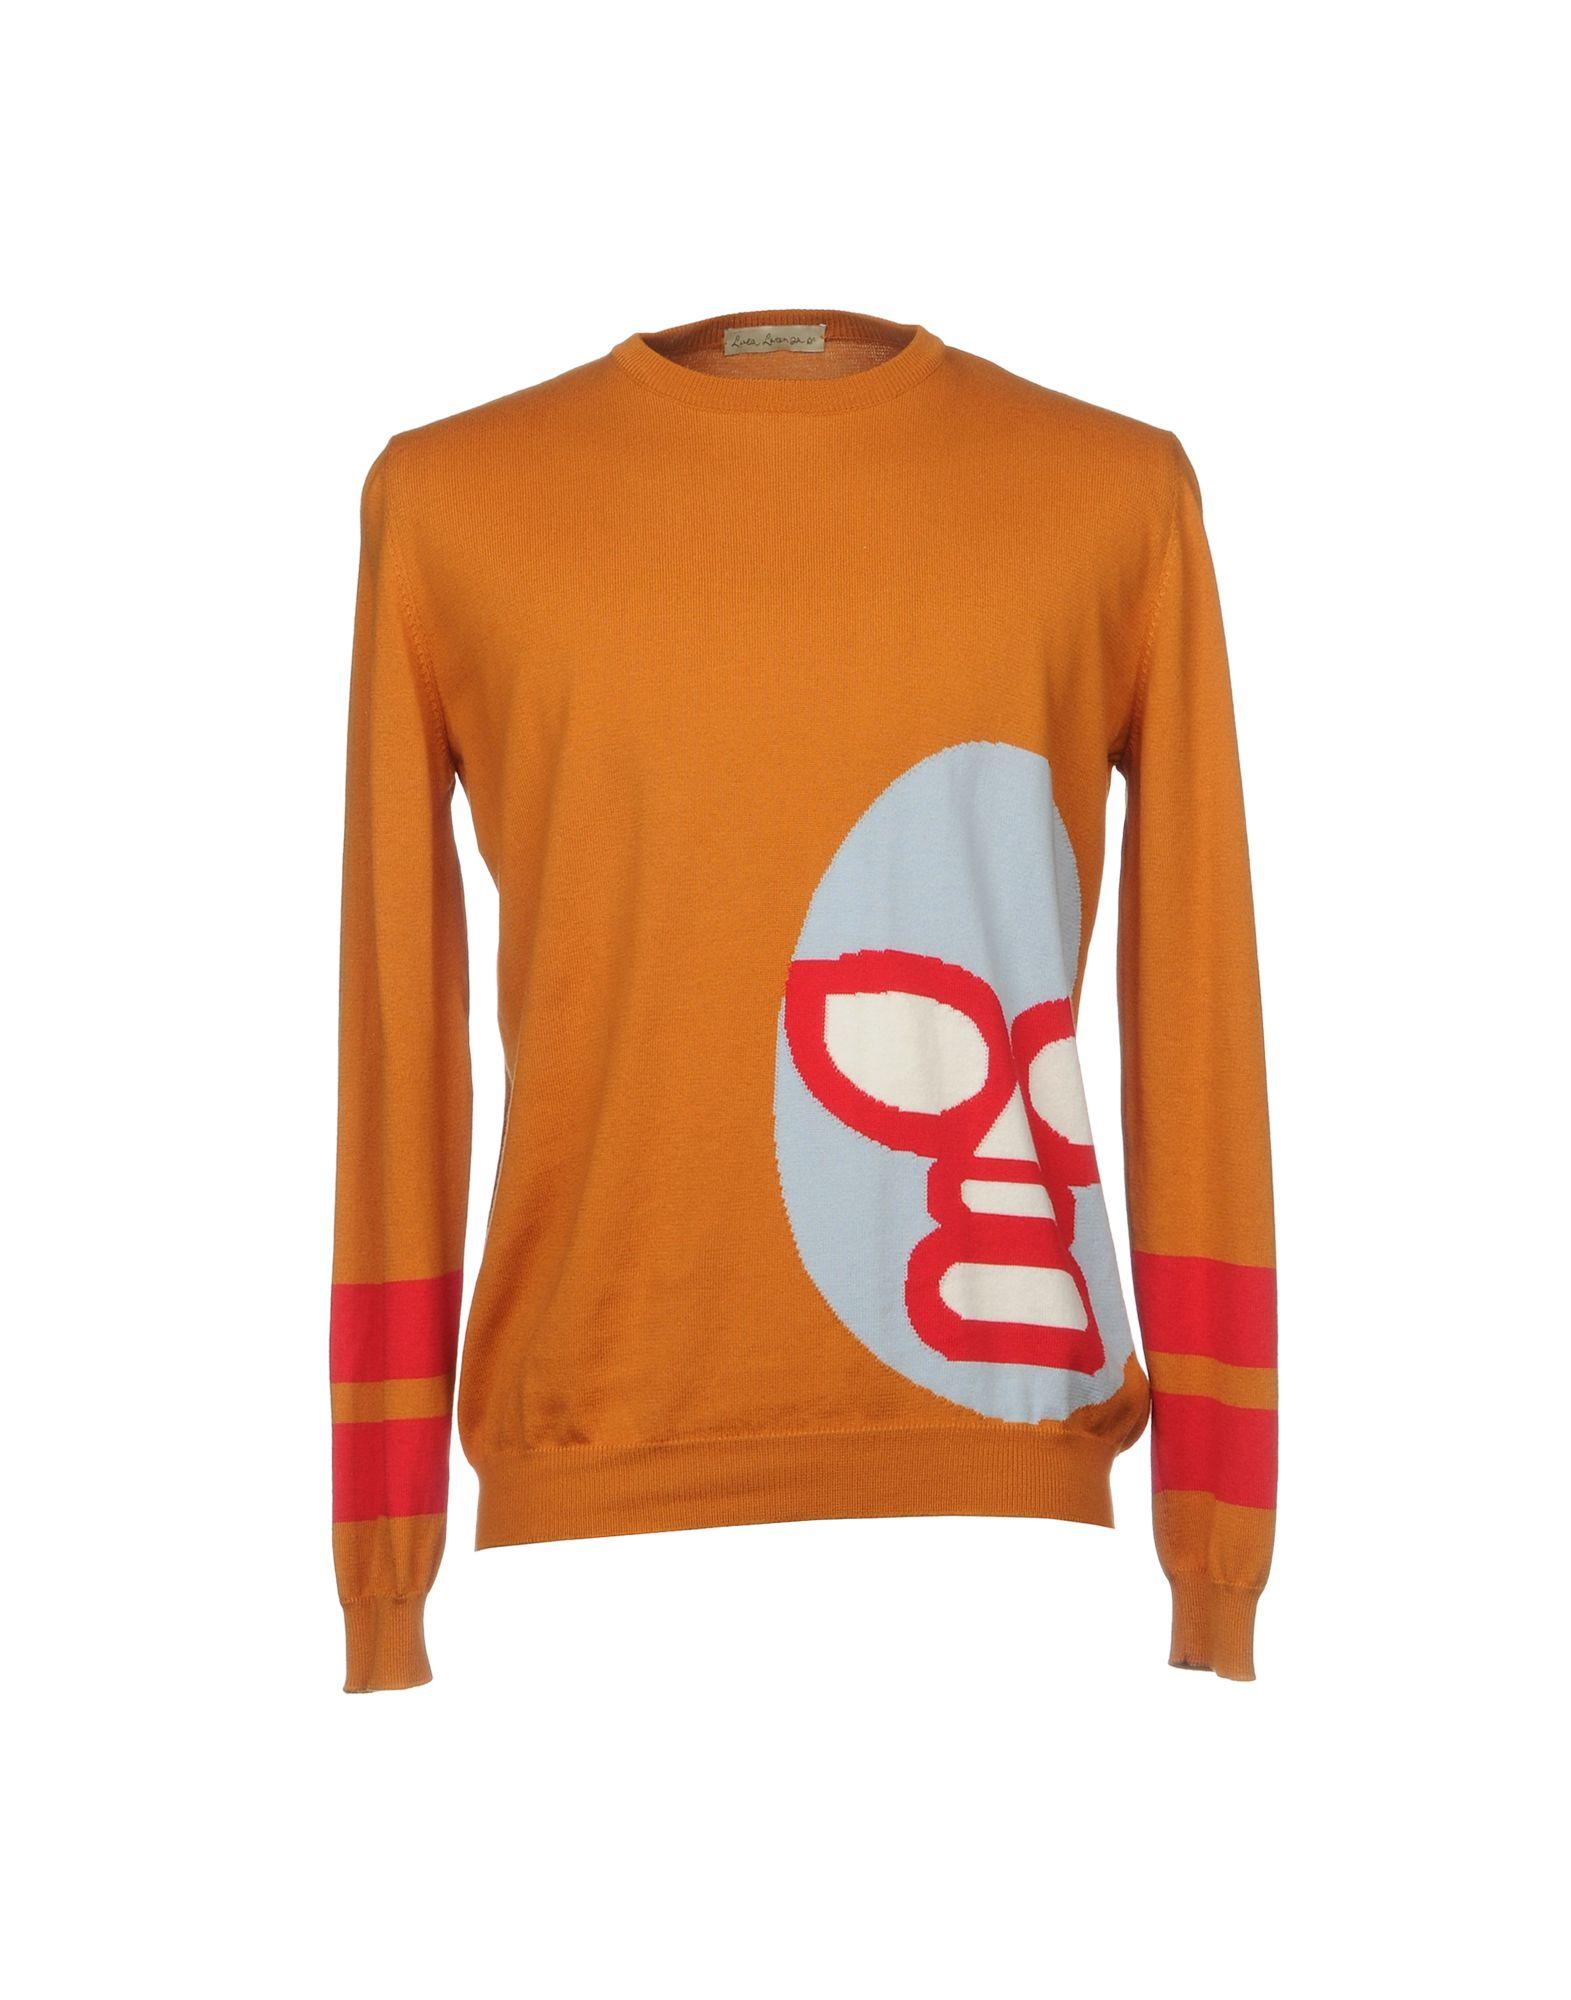 LUCA LARENZA Sweater in Orange